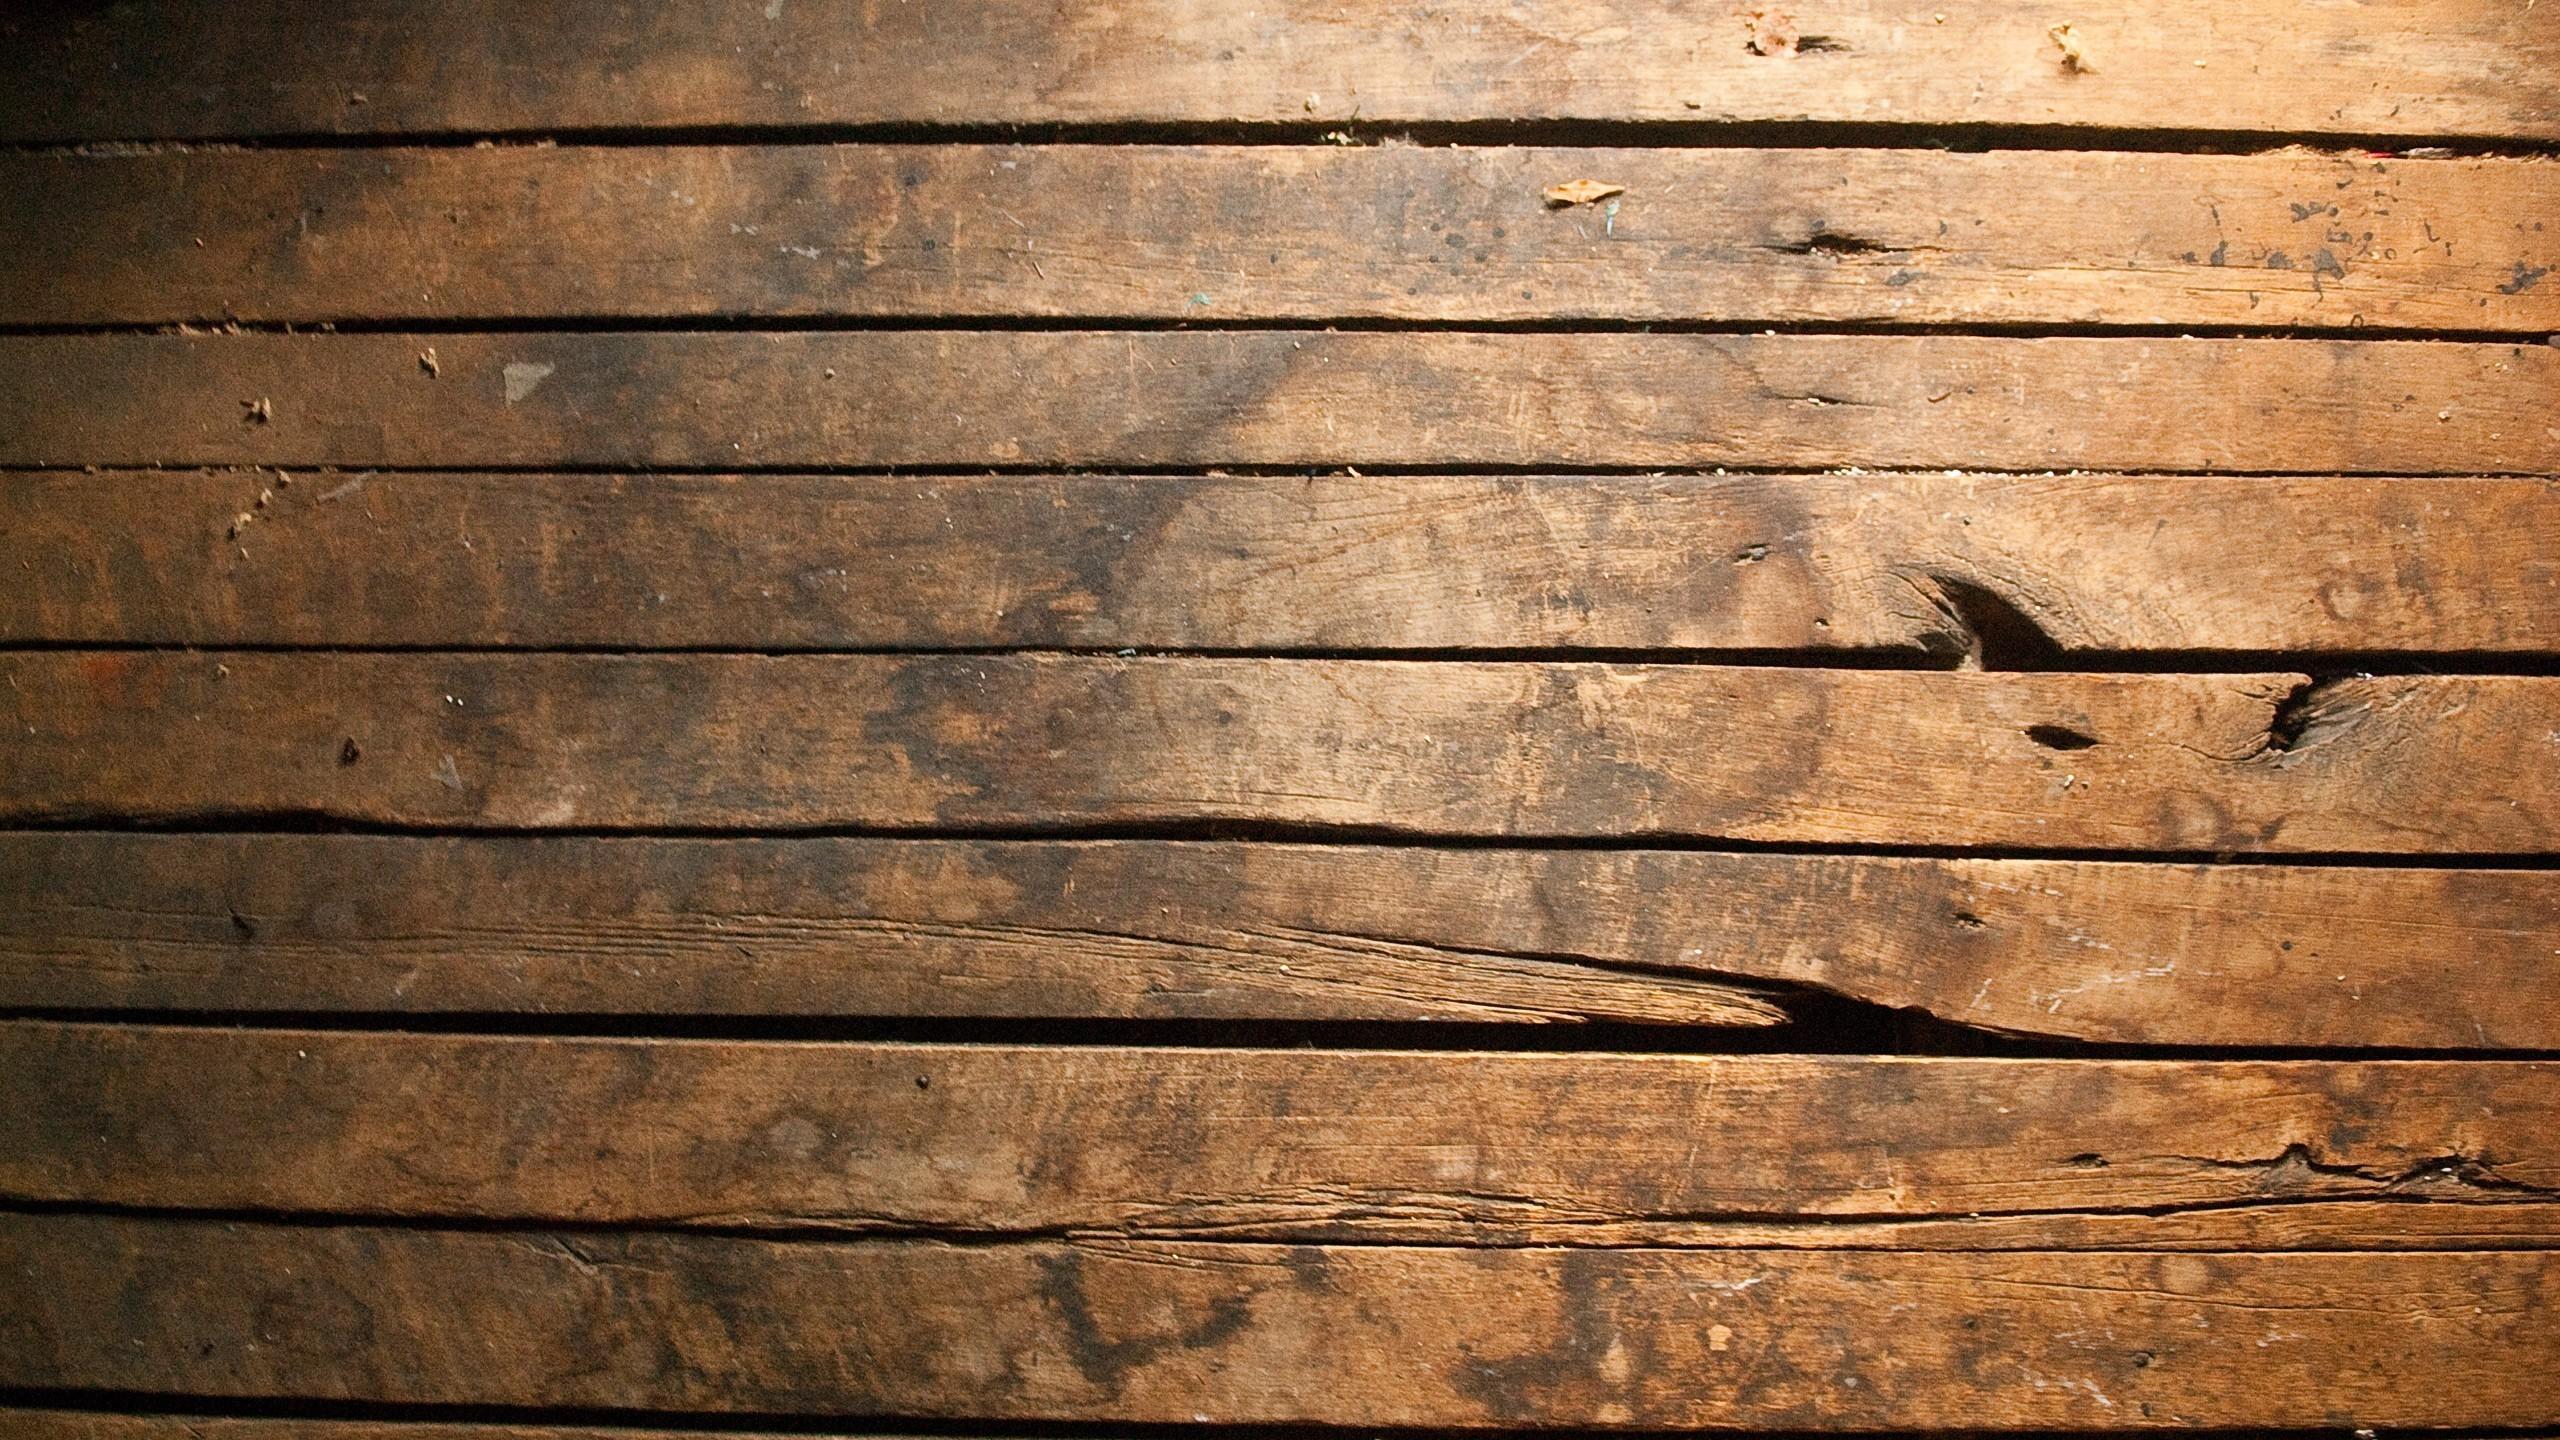 wood-boards-photography-hd-wallpaper-2560×1440-5683.jpg 2,560×1,440 pixels    Light Me on Fire   Pinterest